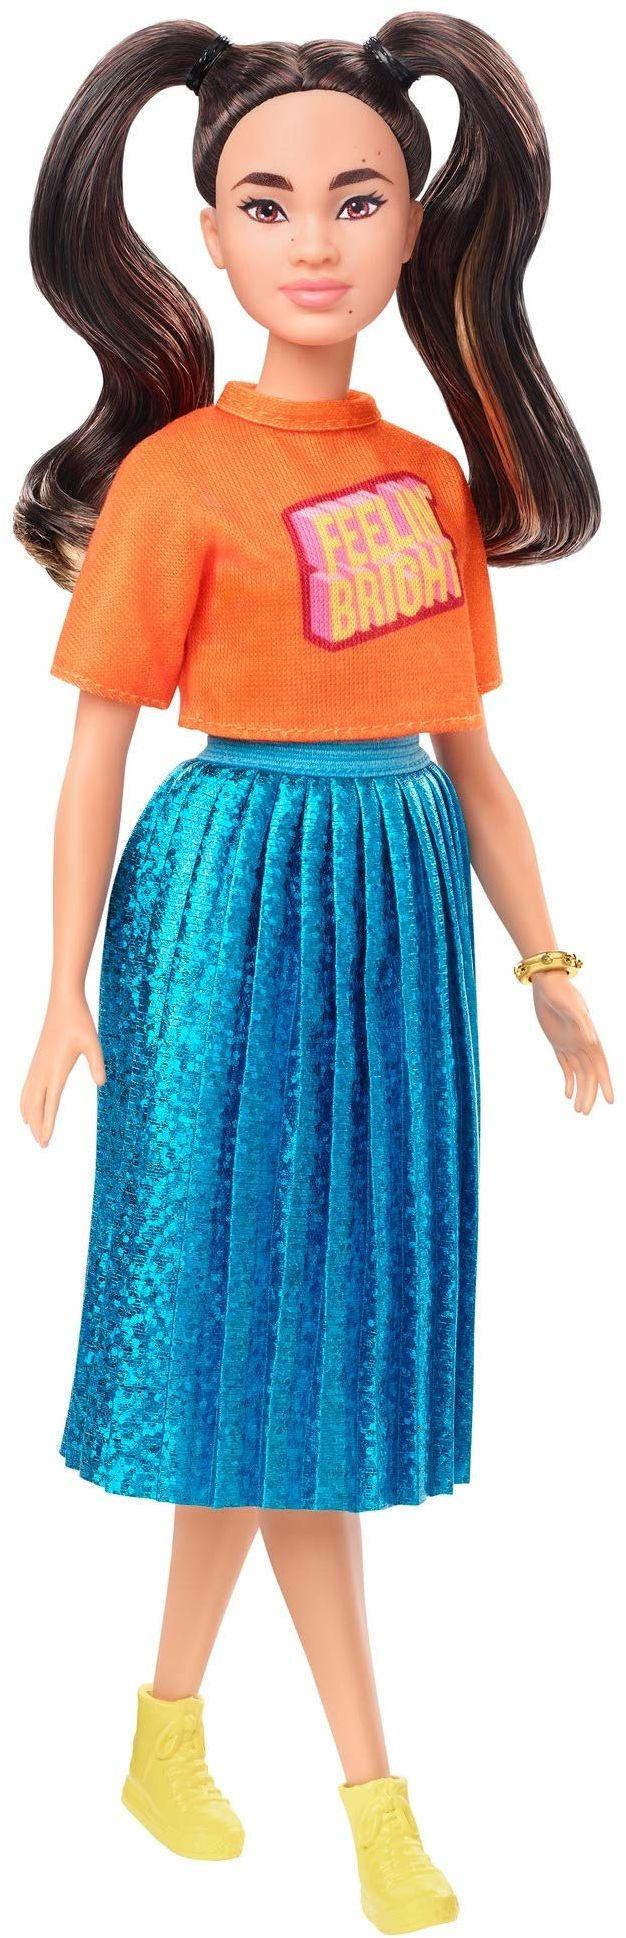 Barbie GHW59 - Barbie Fashionistas lalka 145 (brązowa) z niebiesko połyskującą spódnicą